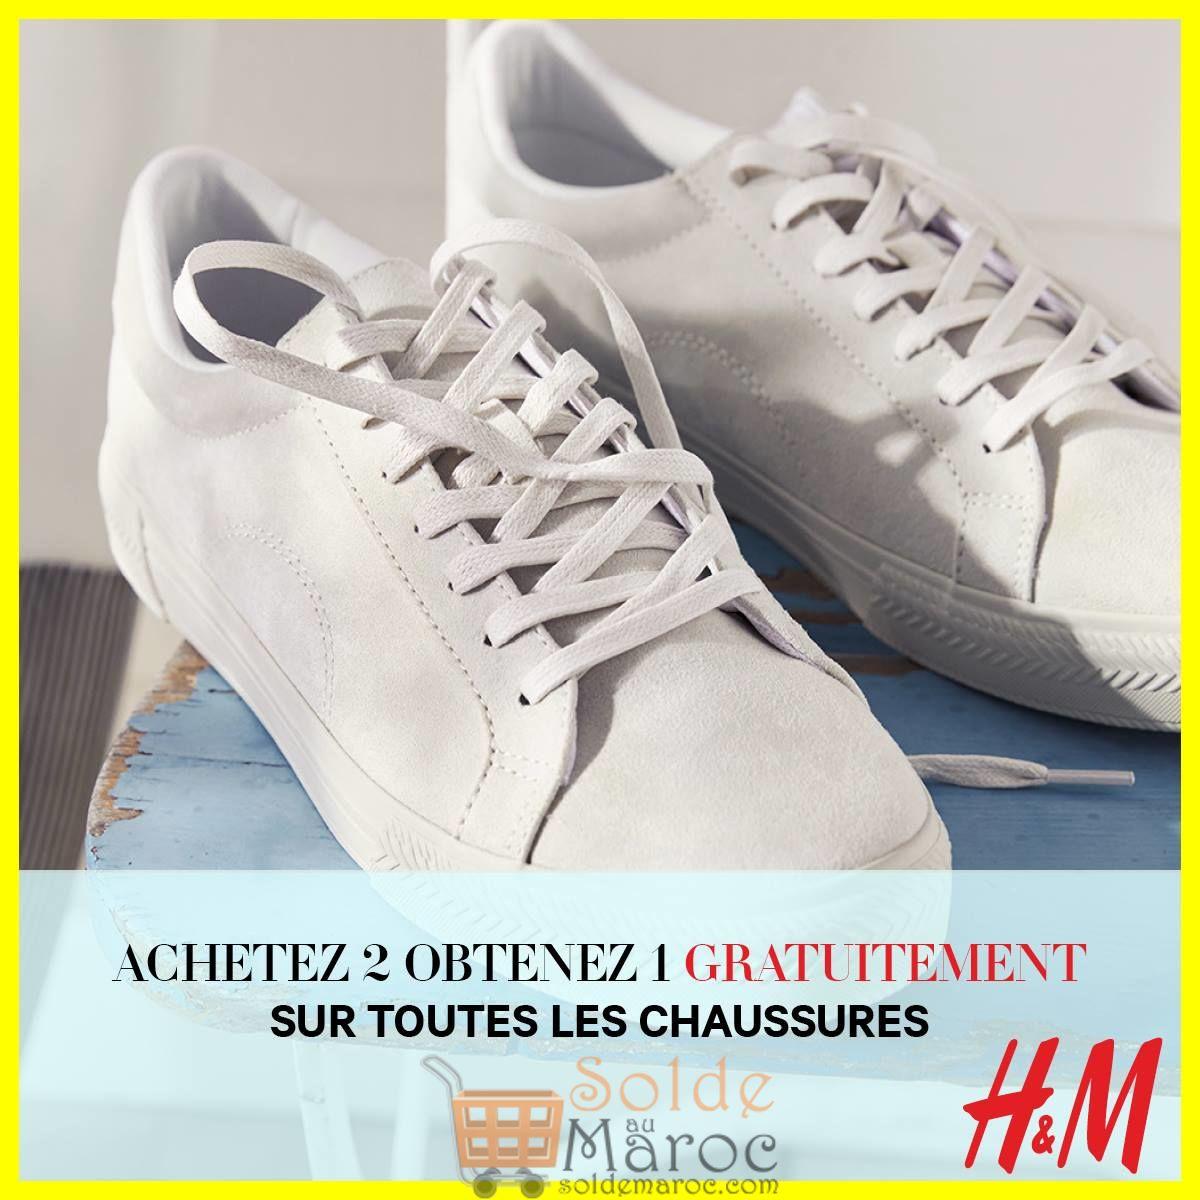 Promo H&M Maroc Achetez 2 Obtenez 1 Gratuitement